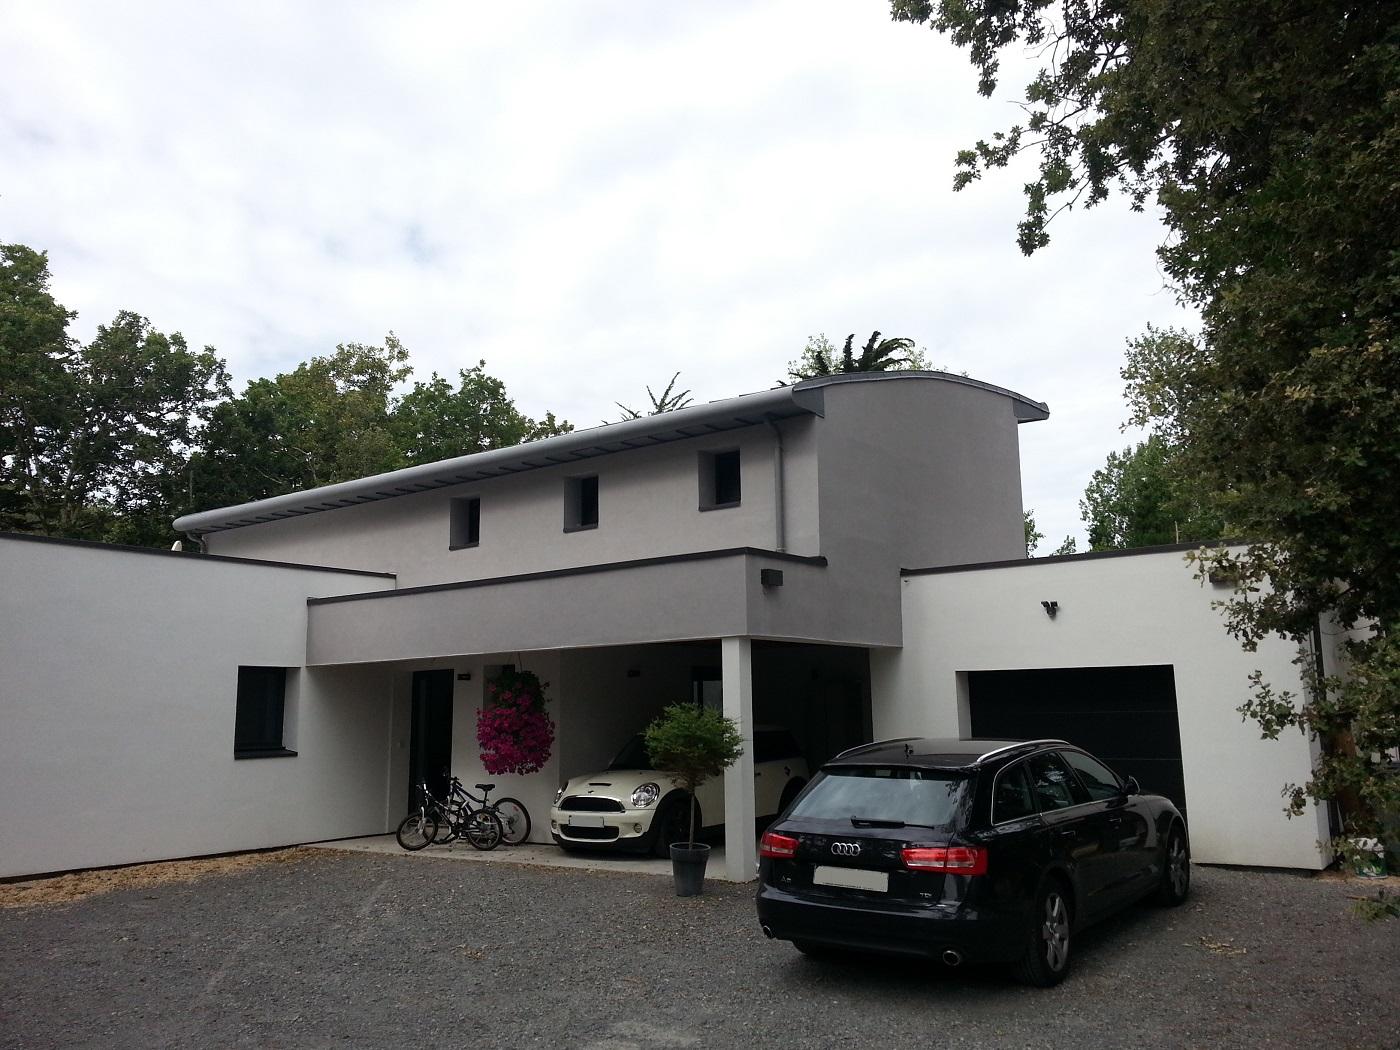 Cerbat olivier voisin construction d une maison individuelle saint hilaire de riez for Entreprise construction maison individuelle